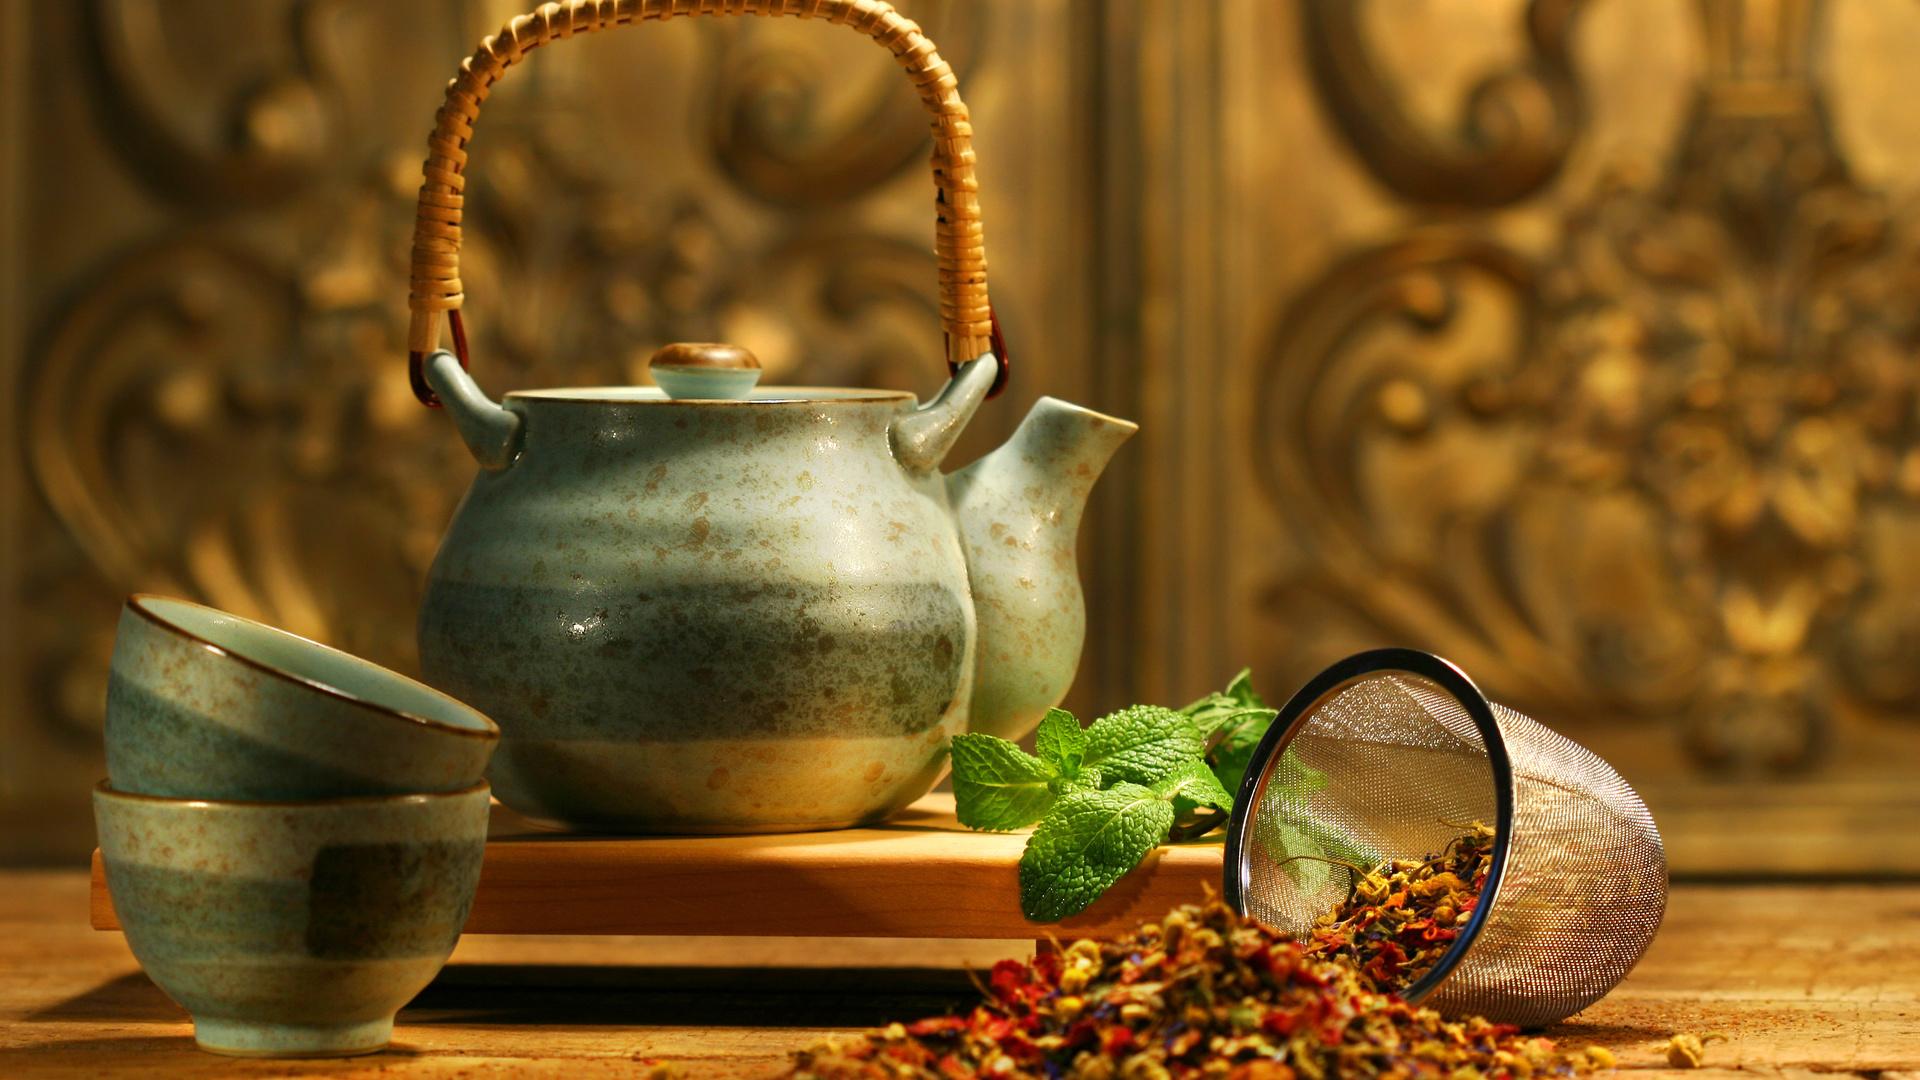 asian tea, чайник, мята, аромат, добавки